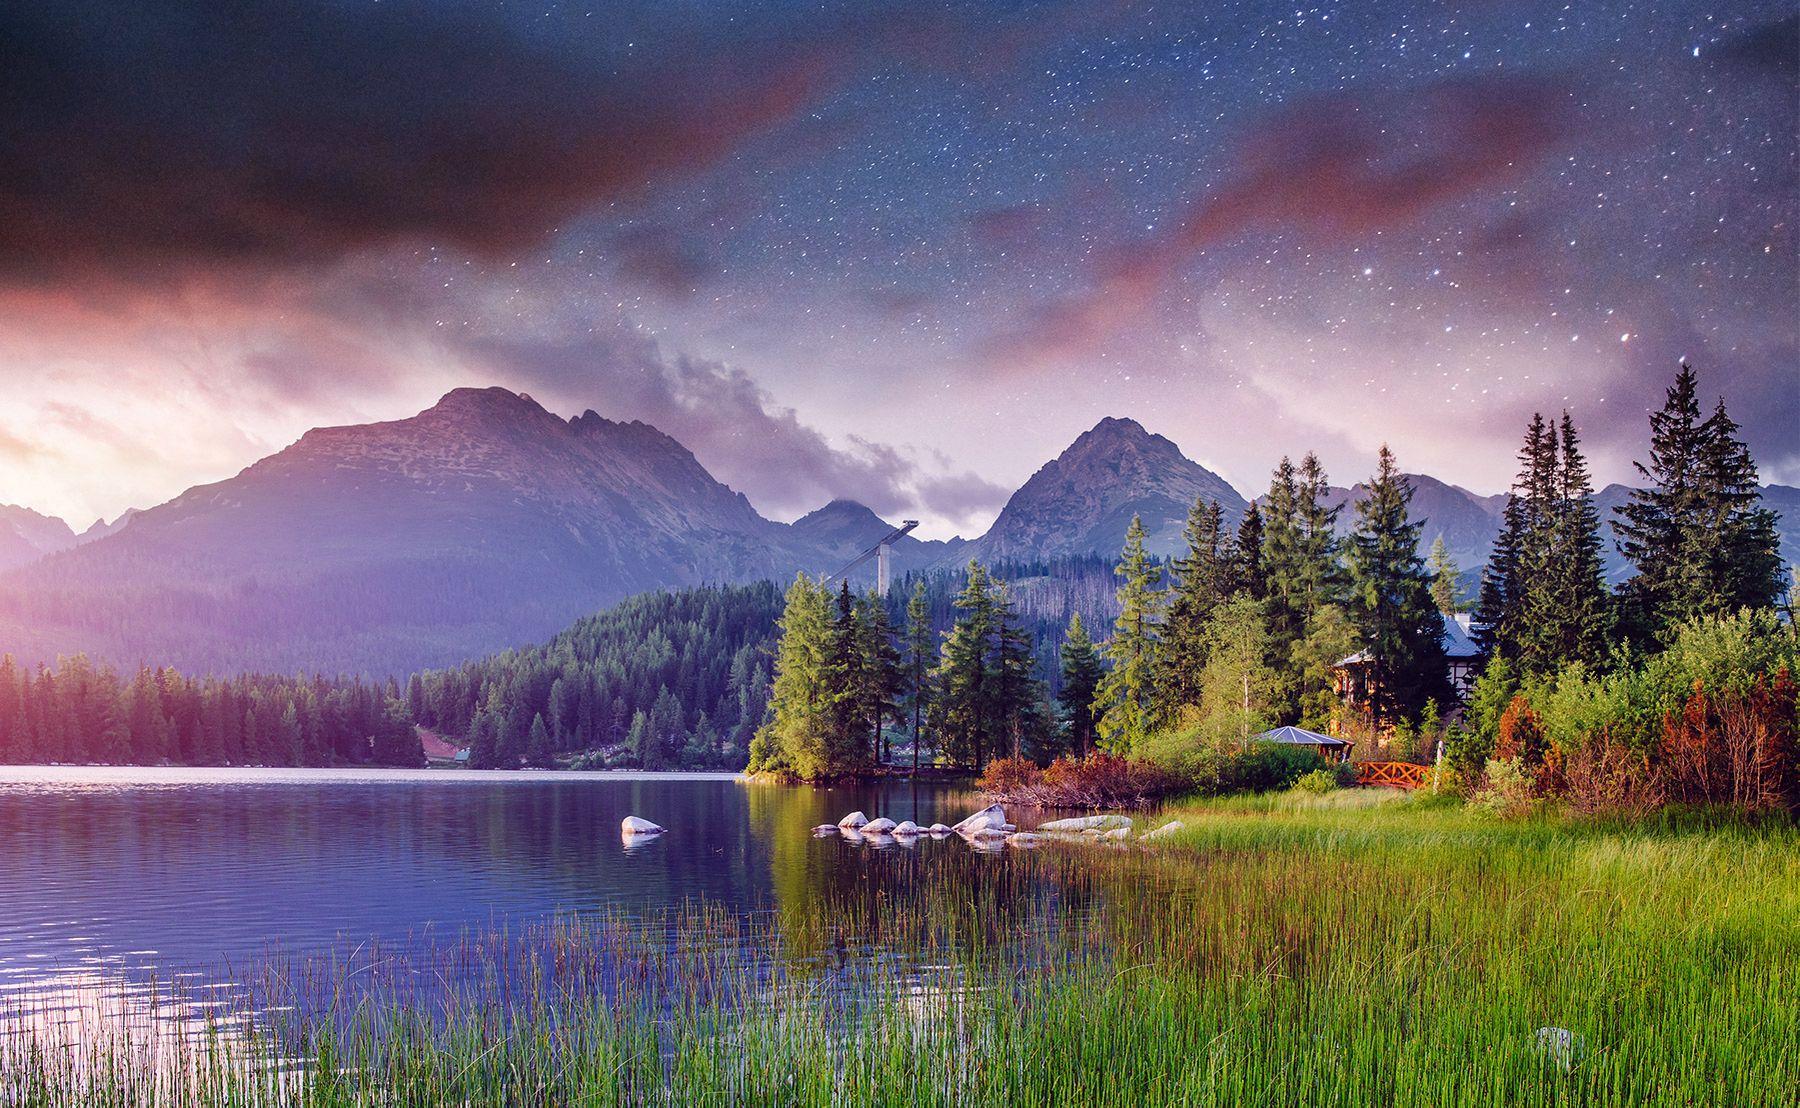 See Strbske pleso Tatra iStock854714830 web